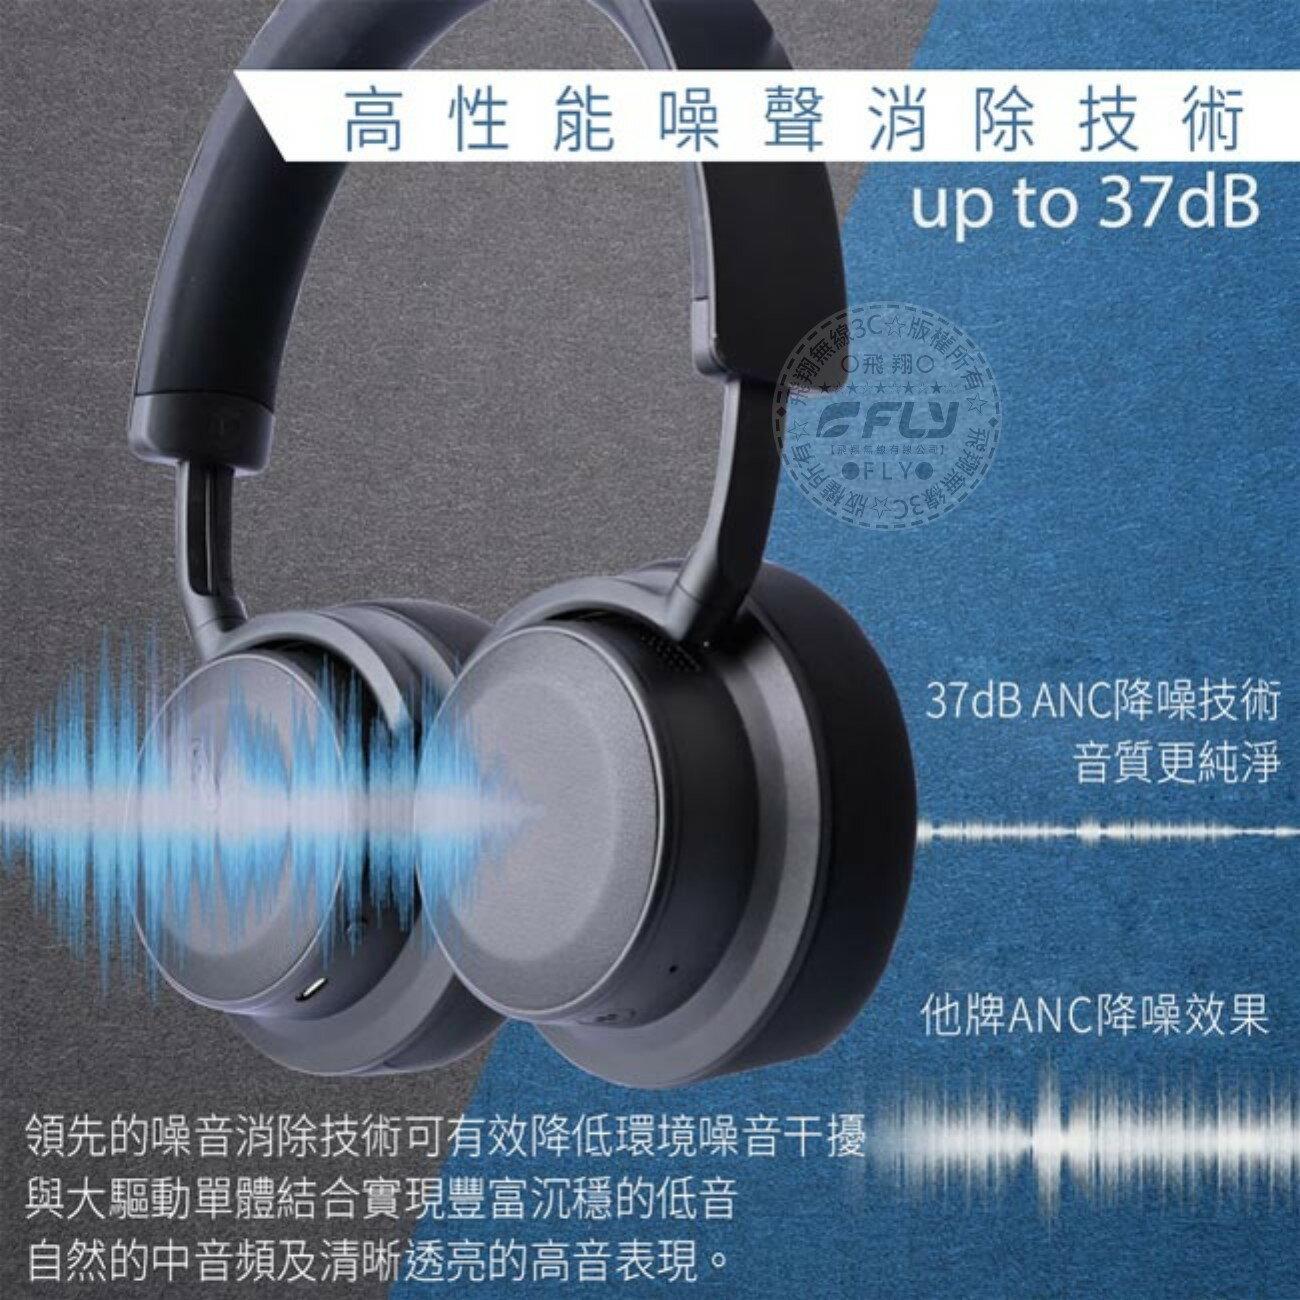 《飛翔無線3C》Avantree ANC041 智慧感應HiFi耳罩式高性能藍牙降噪耳機│公司貨│立體聲 觸控